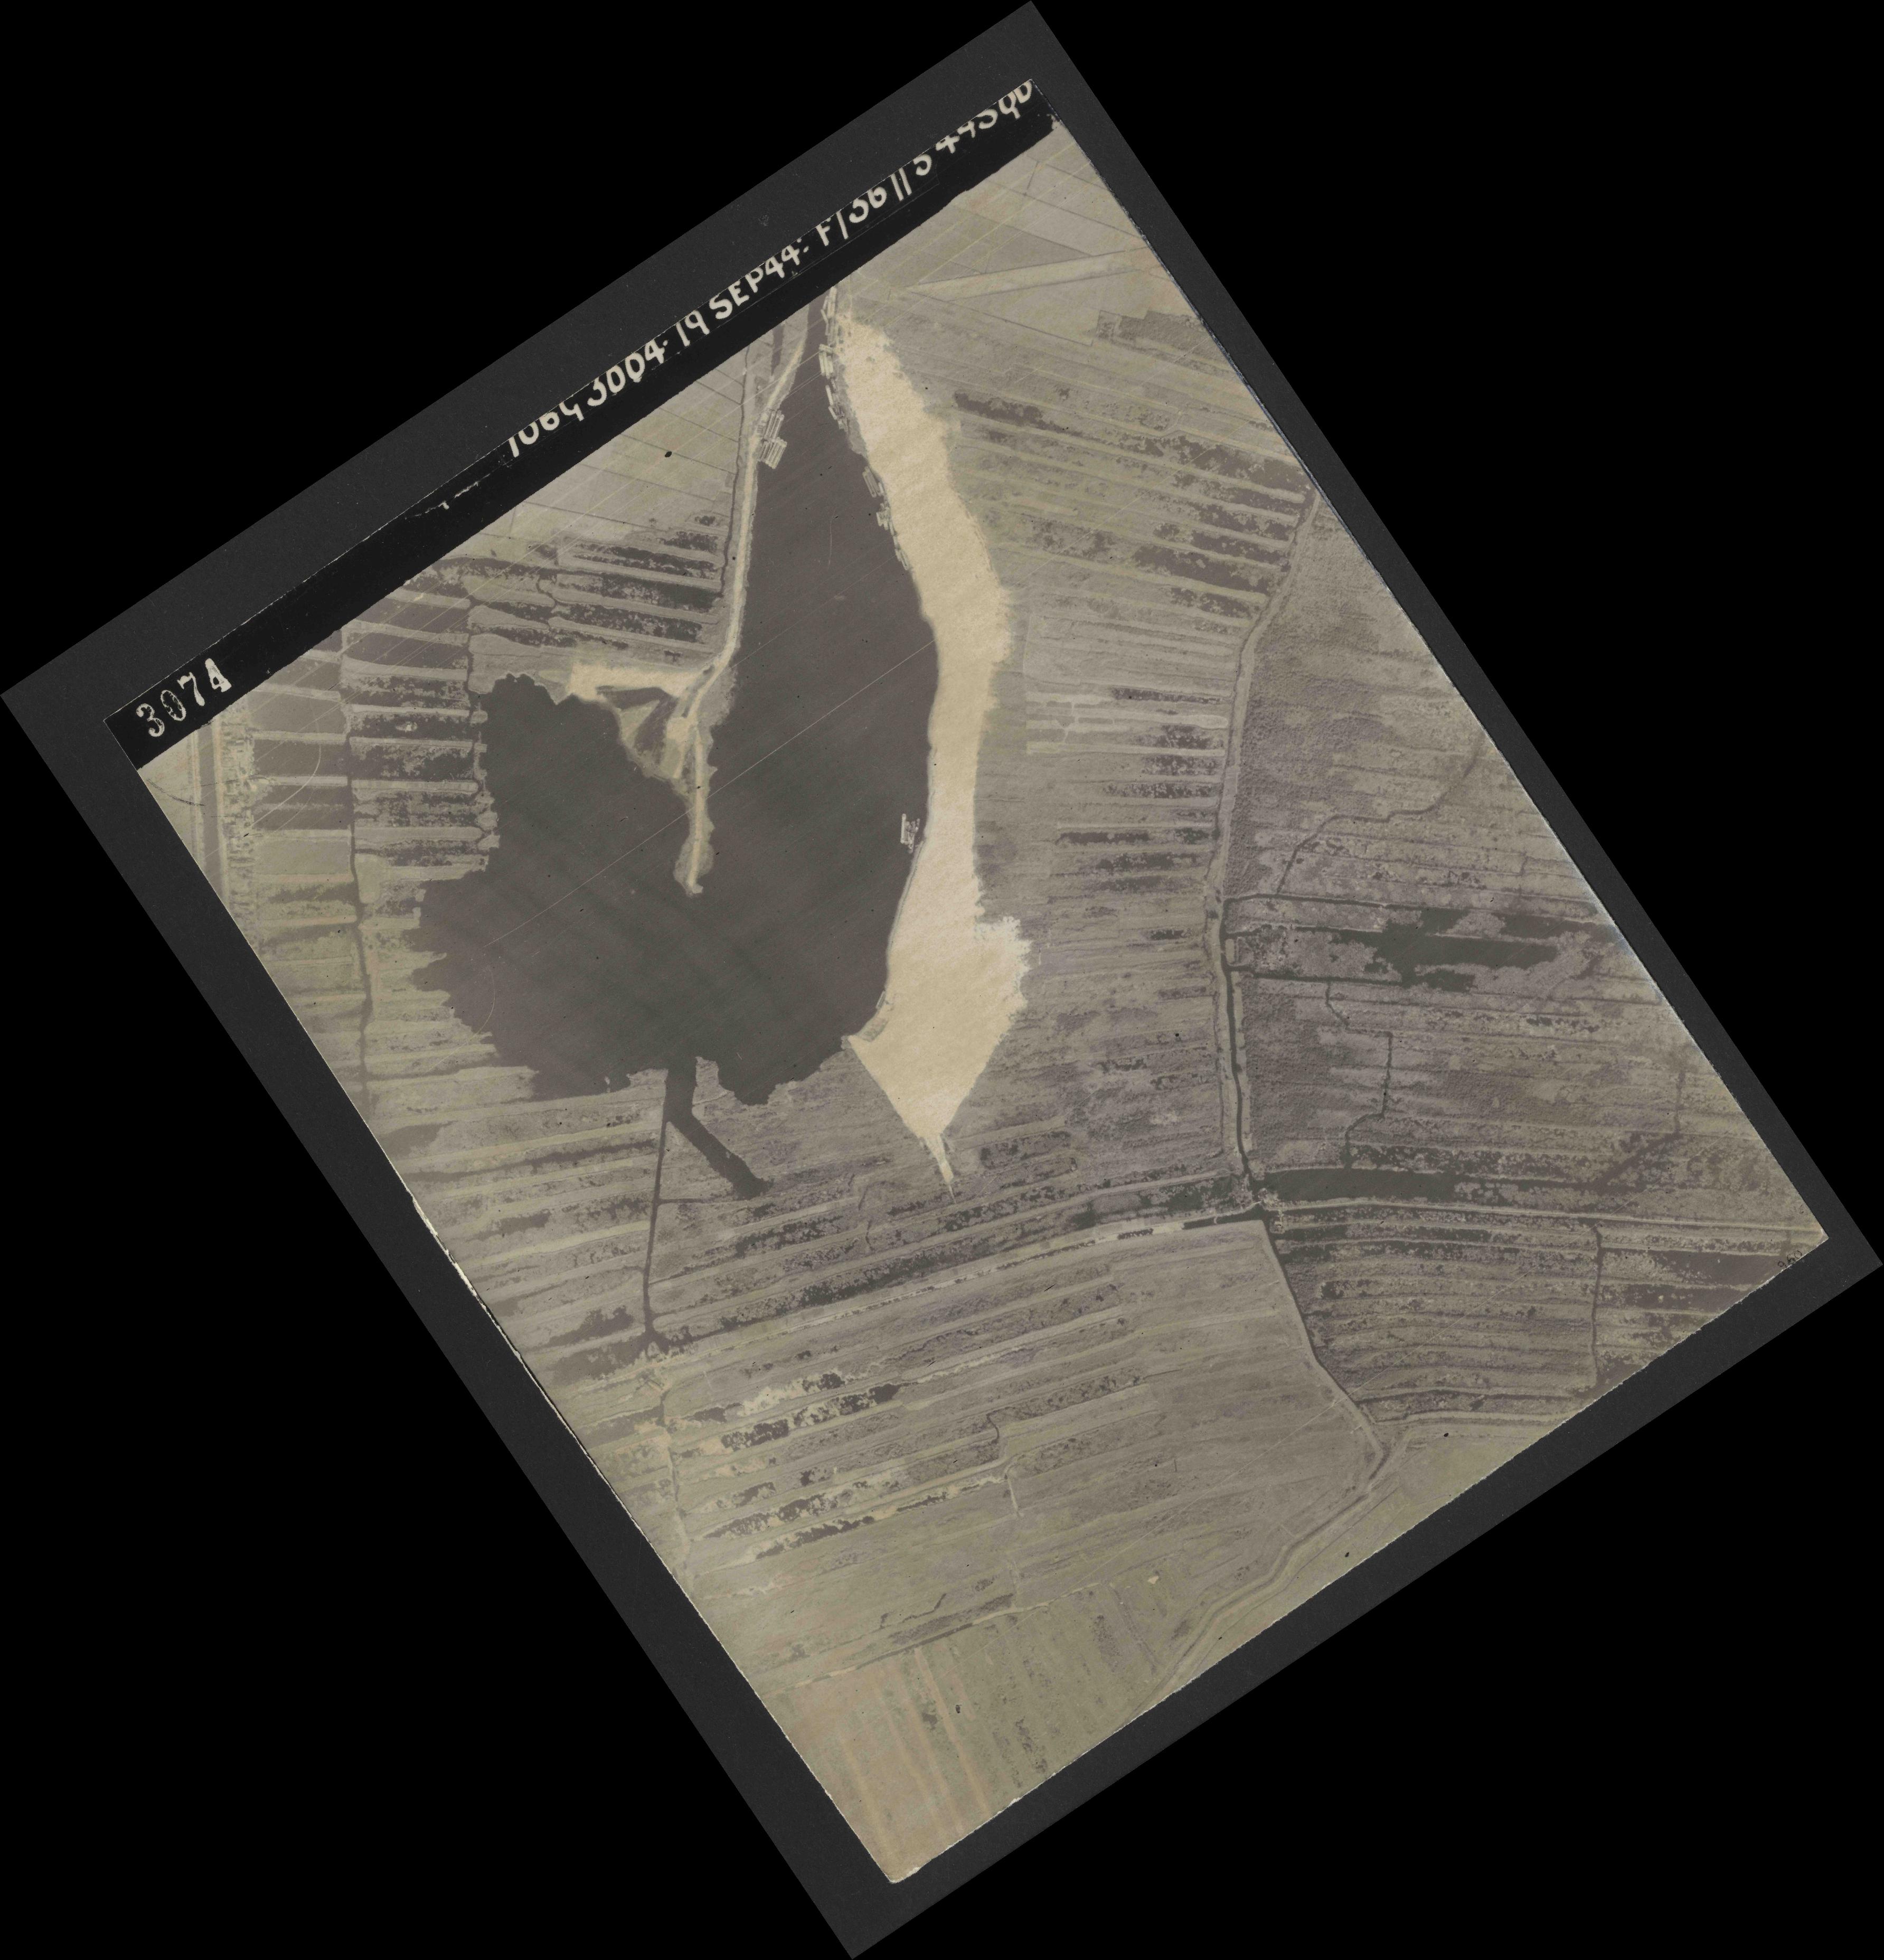 Collection RAF aerial photos 1940-1945 - flight 281, run 01, photo 3074